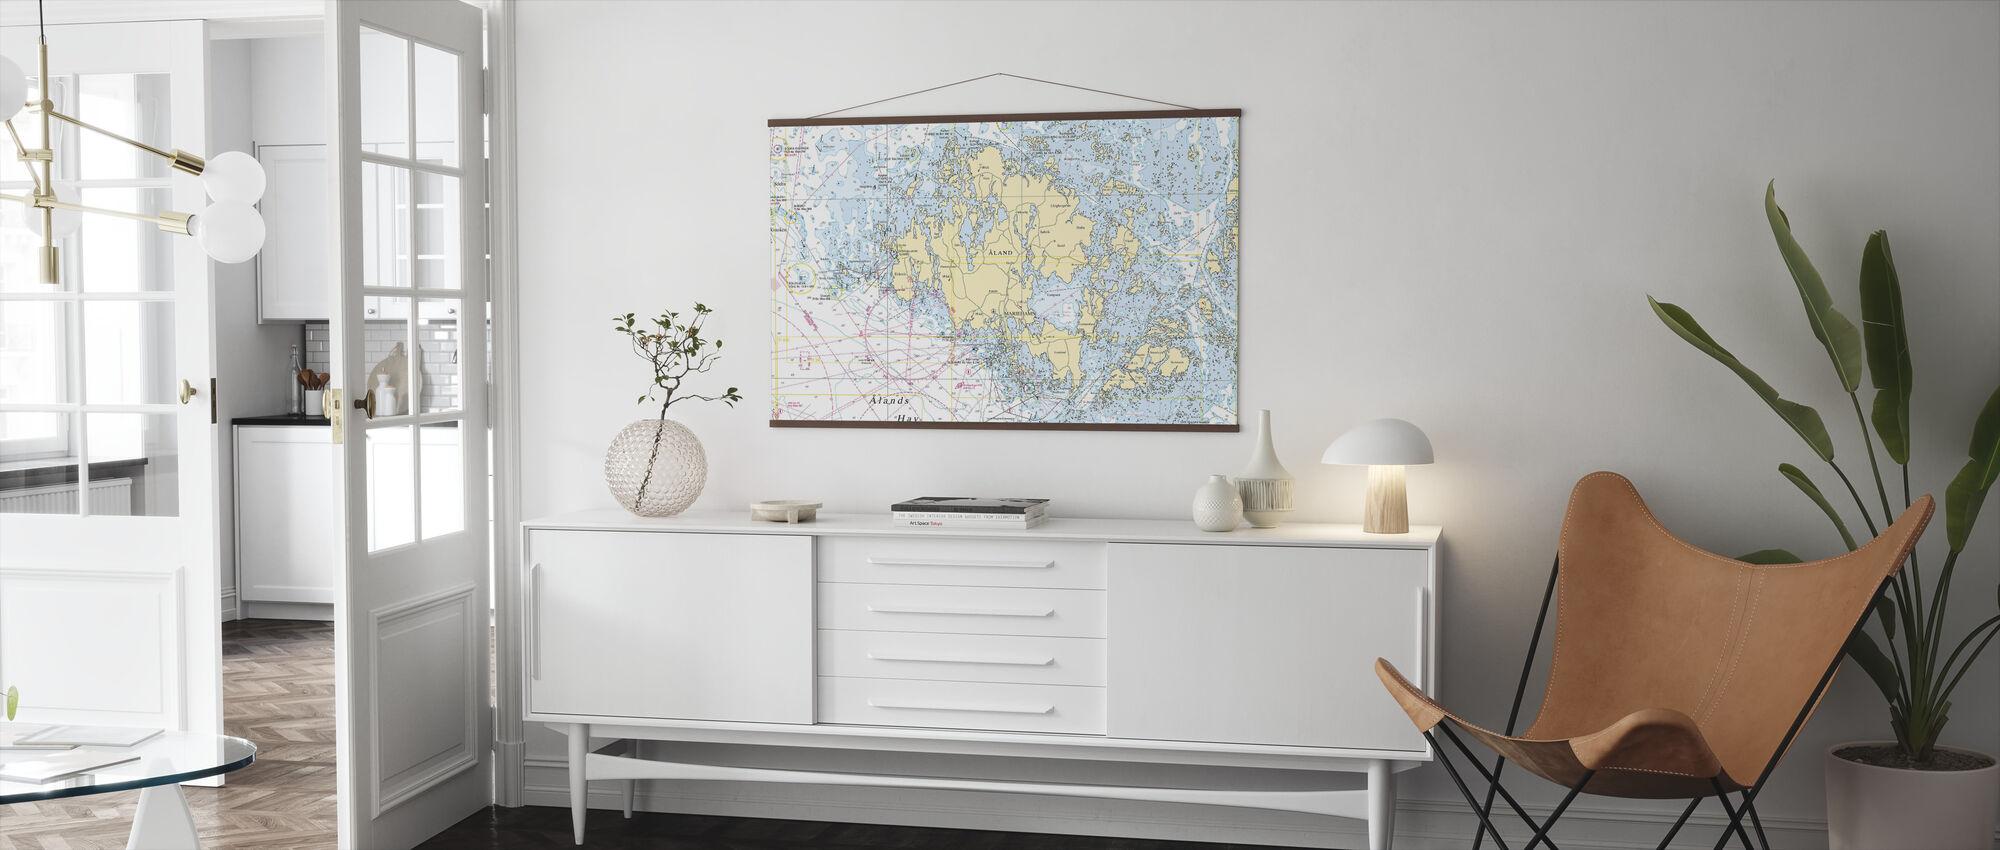 Aland Archipelago - Poster - Living Room